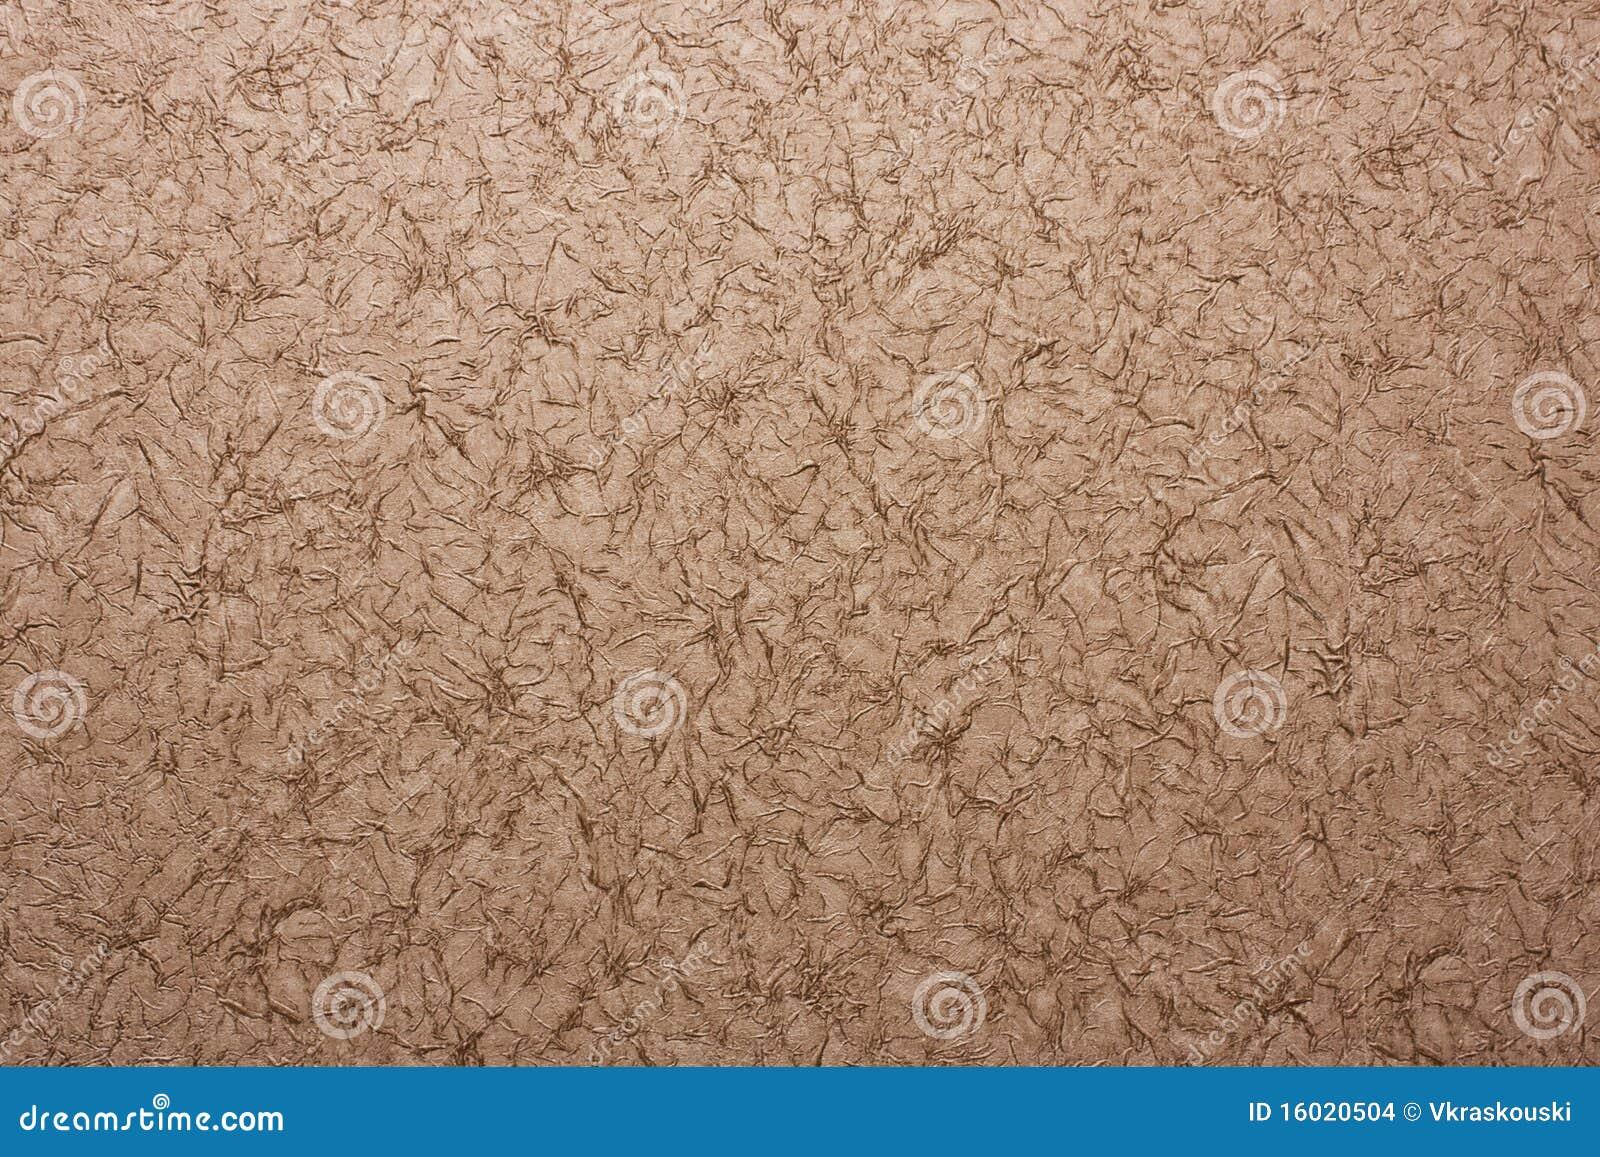 Vintage brown w...